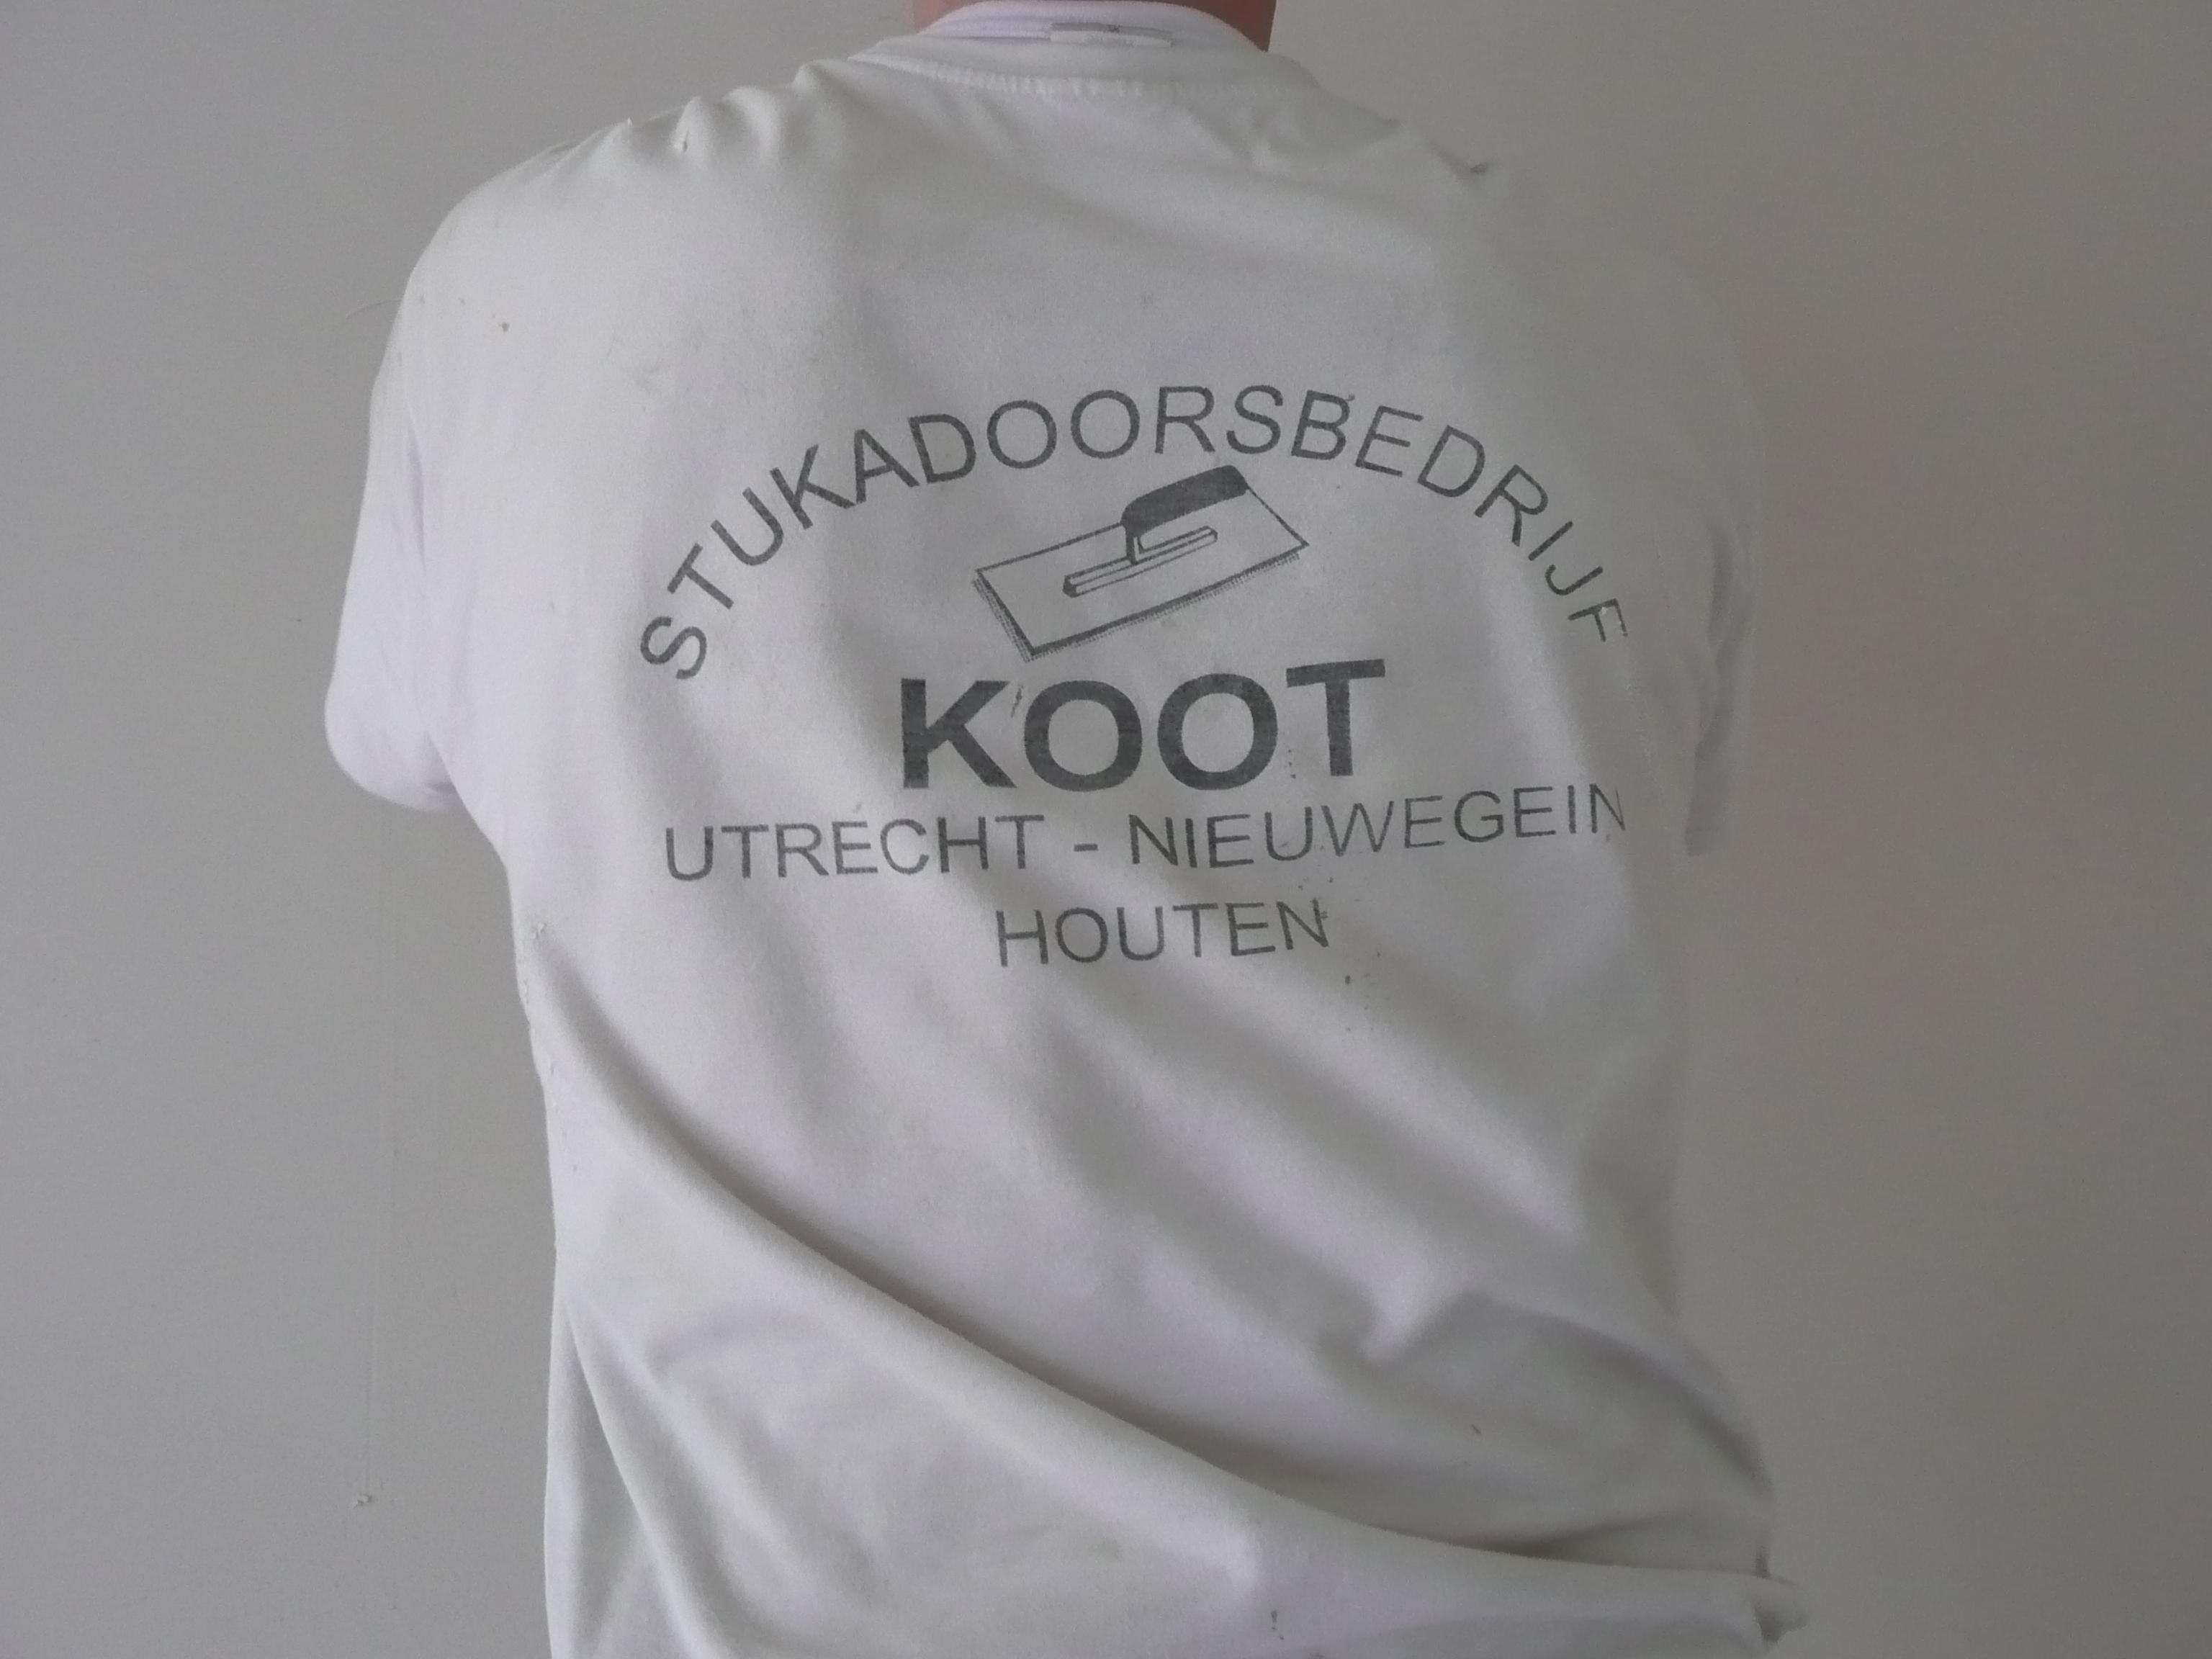 Stukadoorsbedrijf Koot